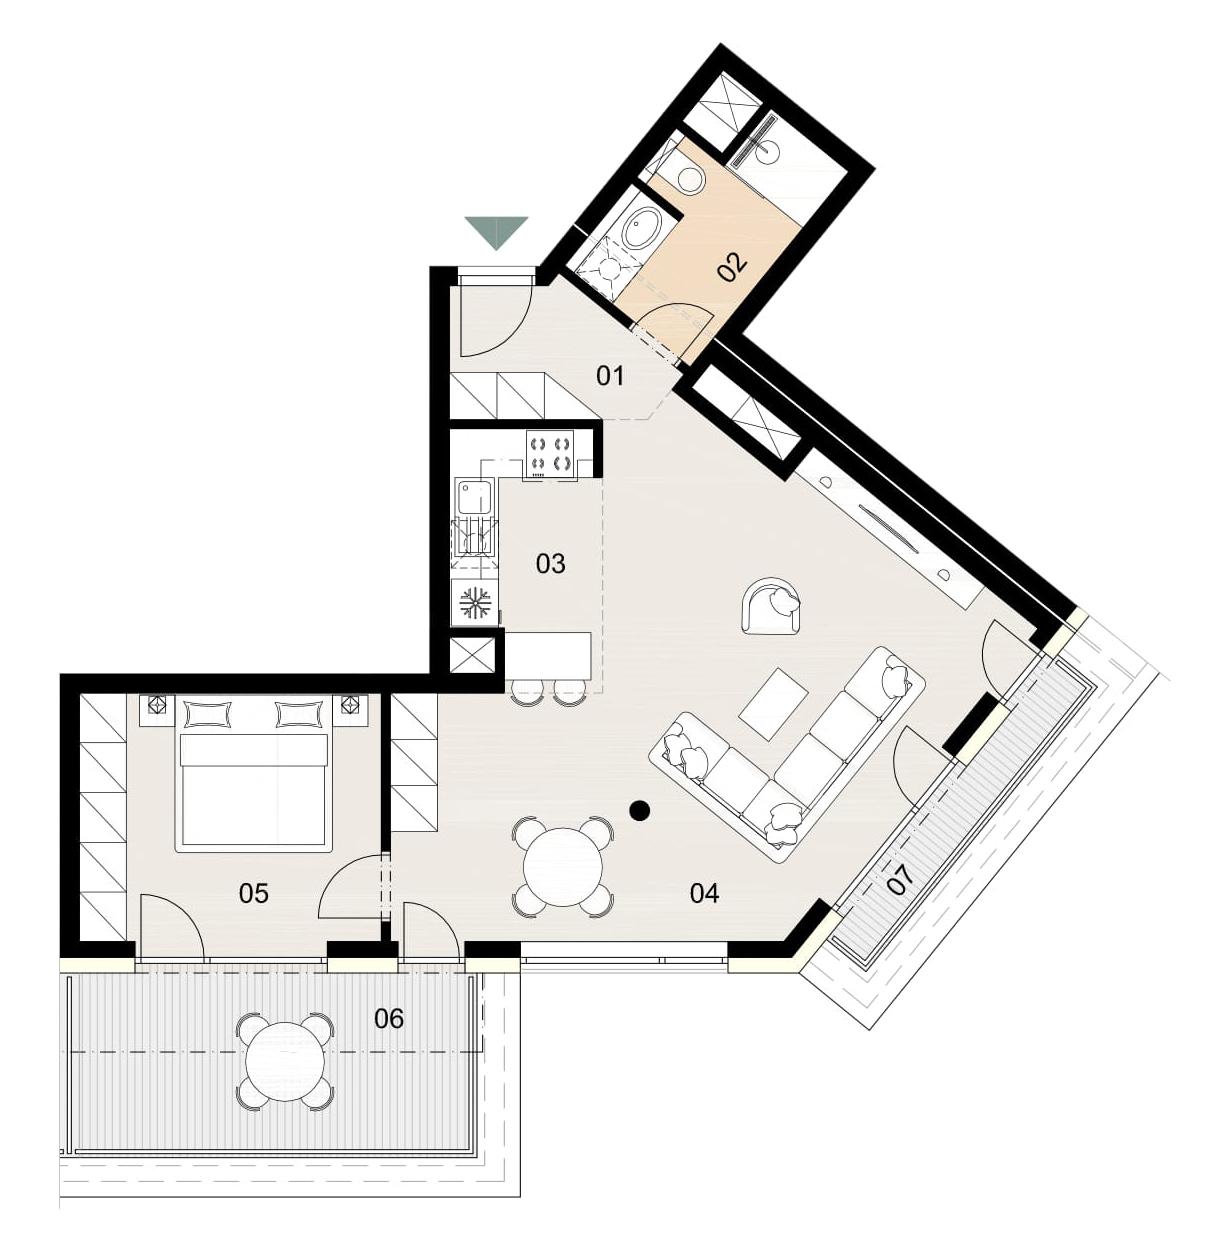 Rosenhaus byt 1103, 2-izbový. Novostavba Vrakuňa.